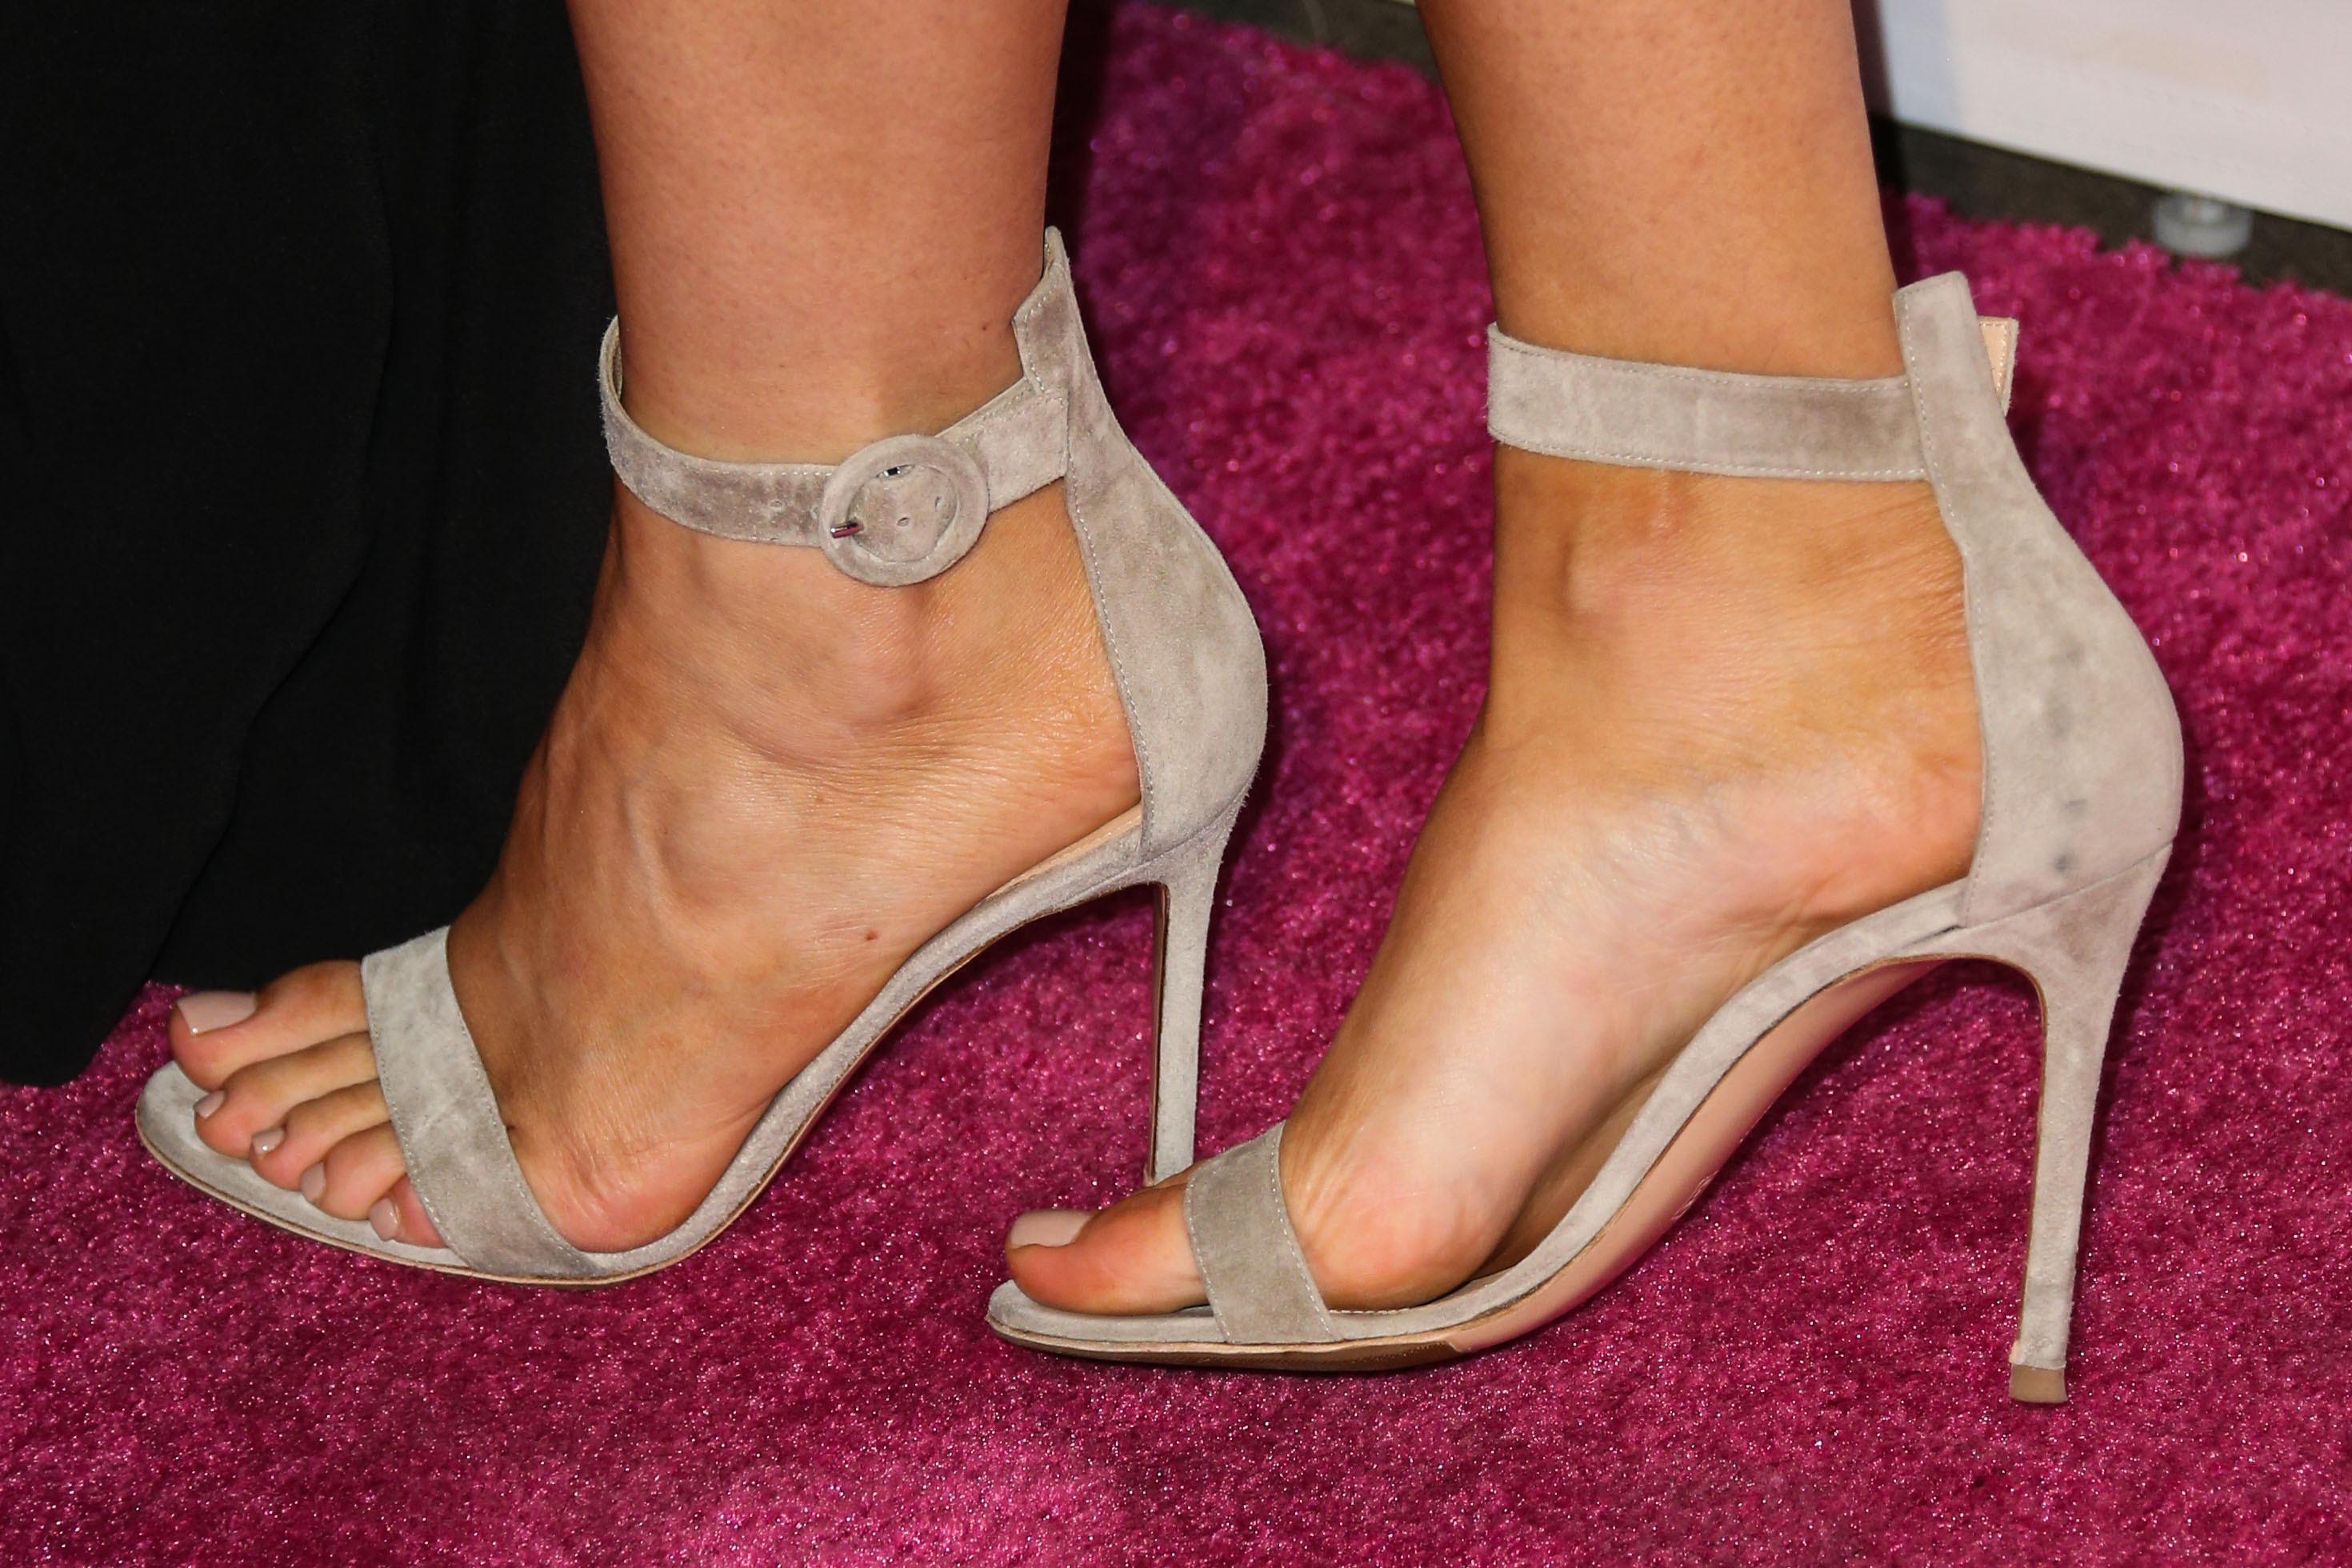 Kylie Jenners Feet